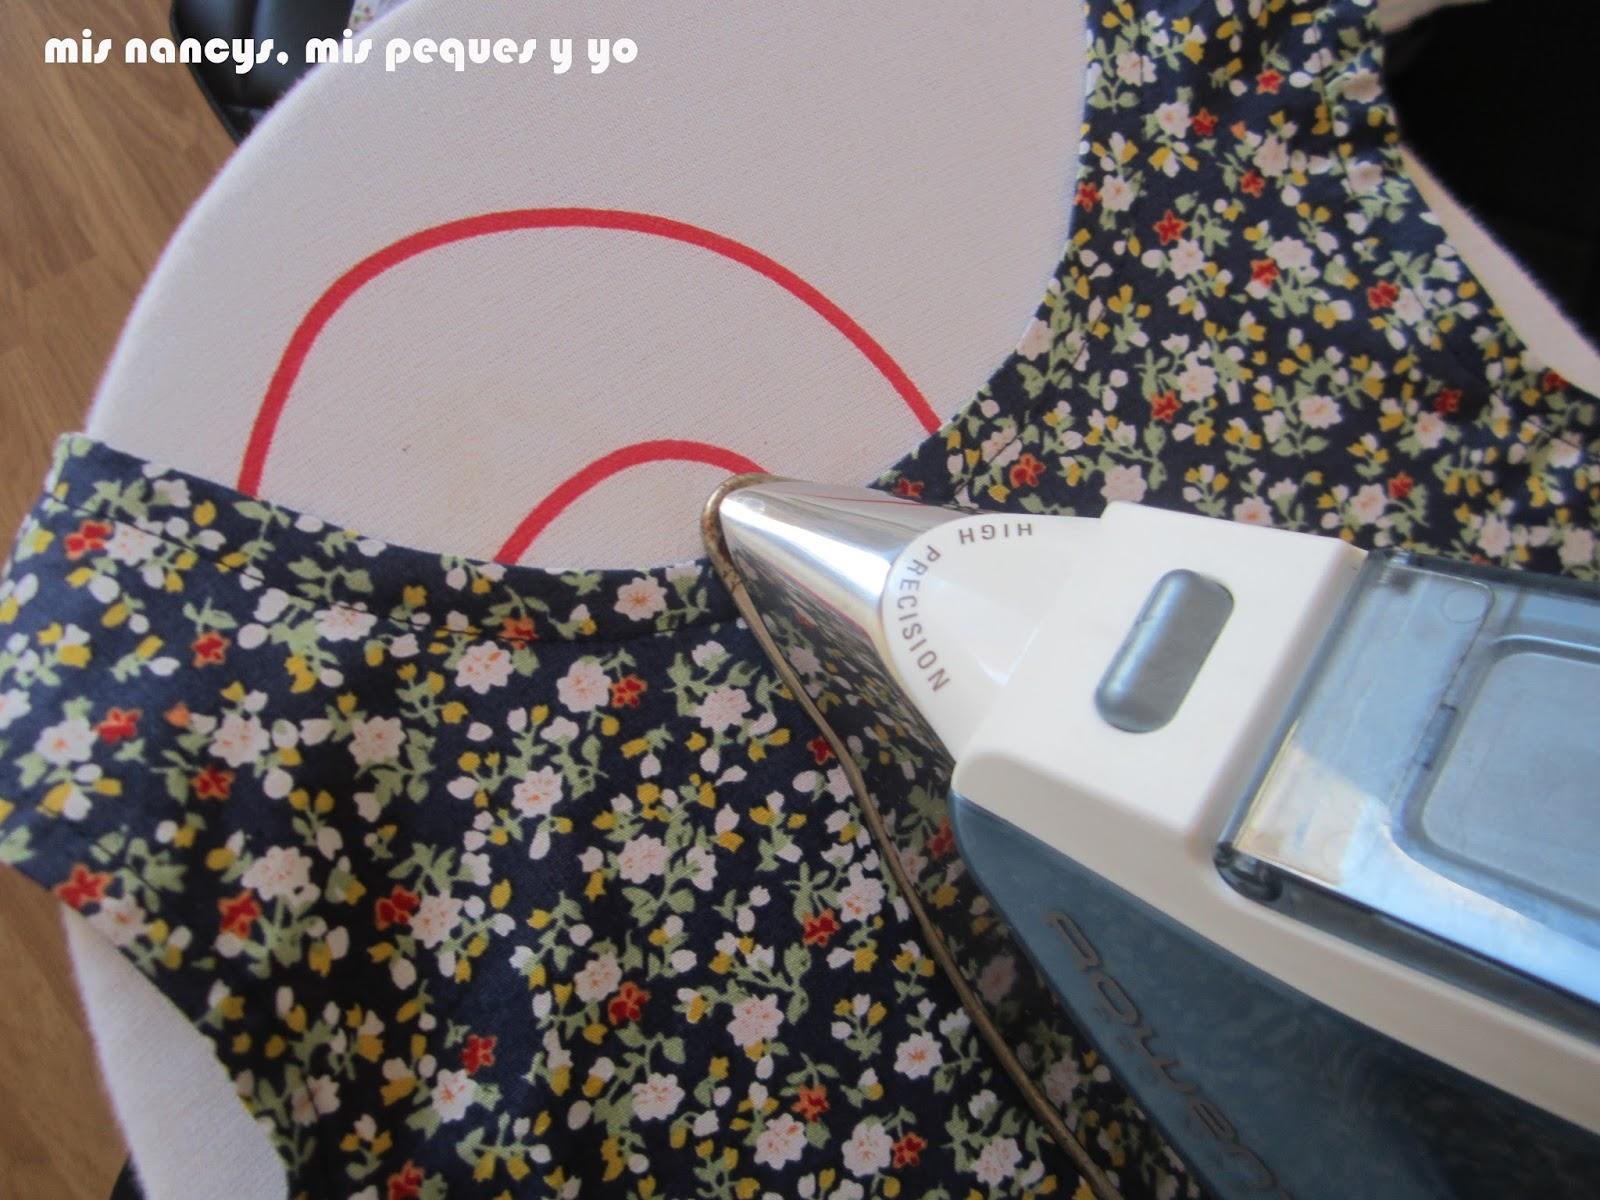 mis nancys, mis peques y yo, tutorial blusa sin mangas niña (patrón gratis), planchar bies cuello